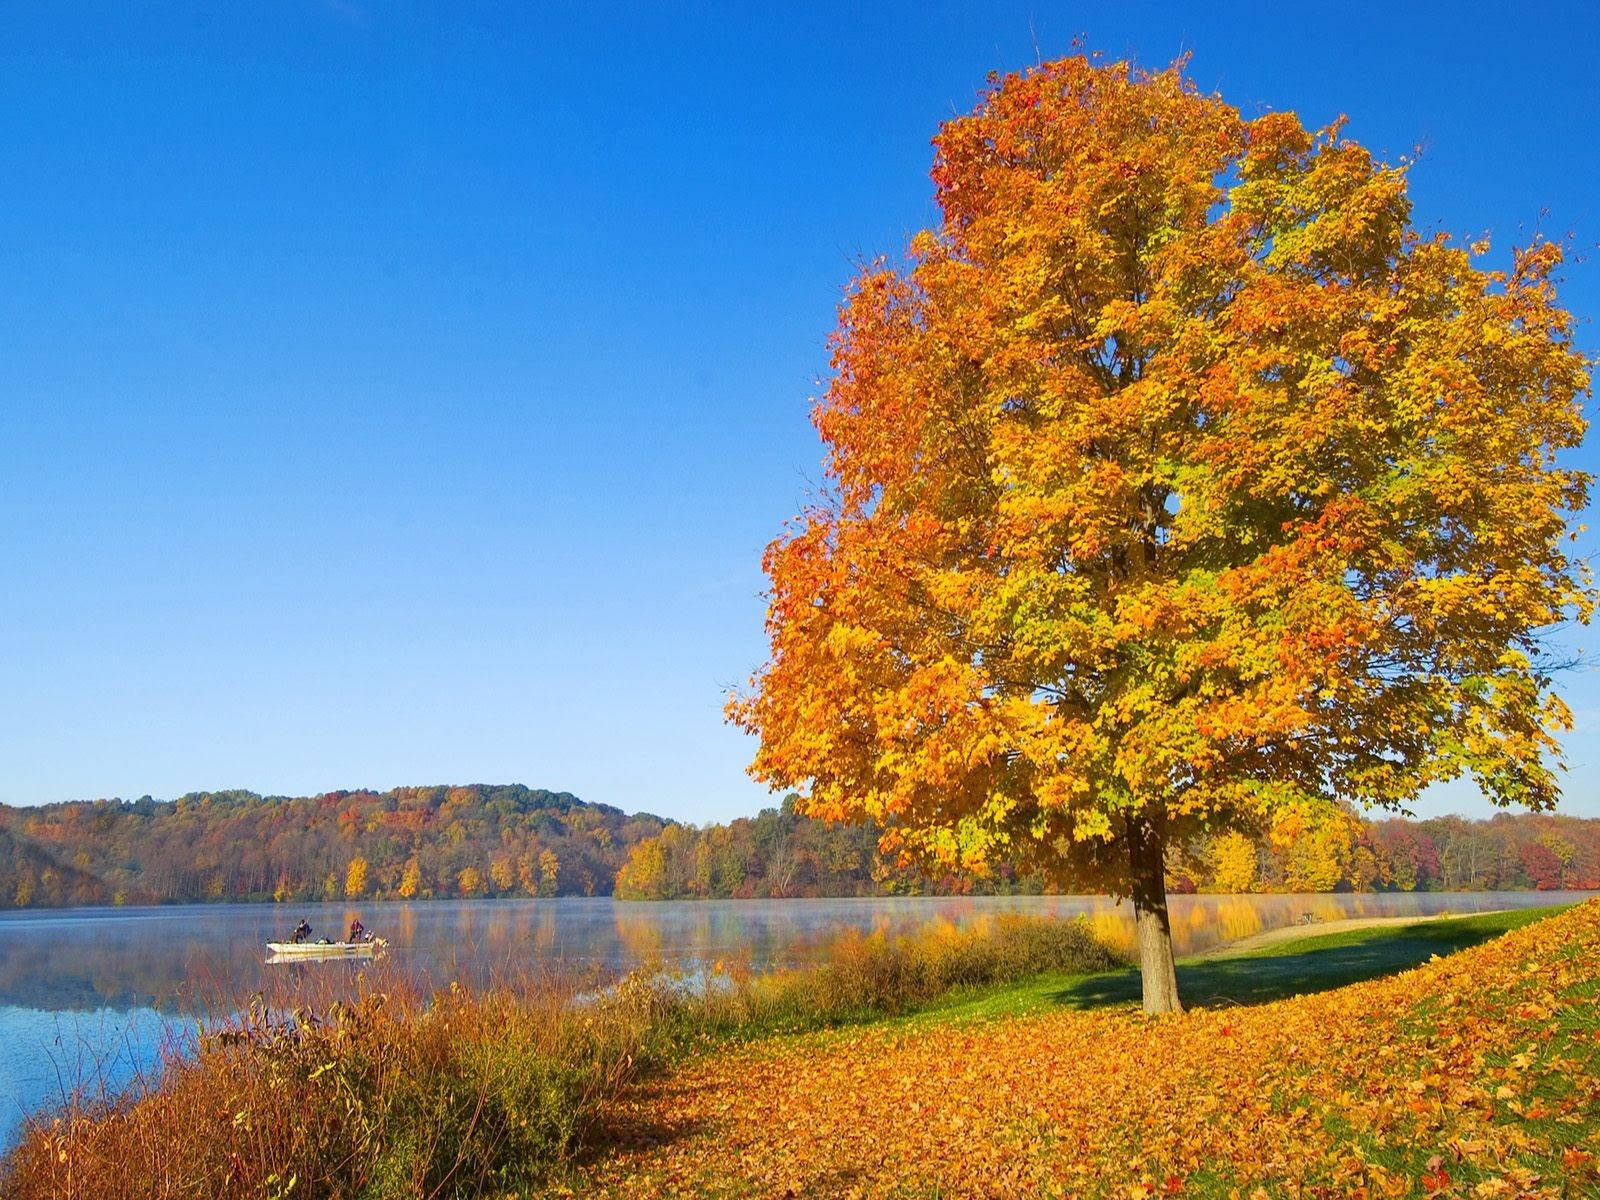 厚の秋の風景の壁紙 3 1600x1200 壁紙ダウンロード 厚の秋の風景